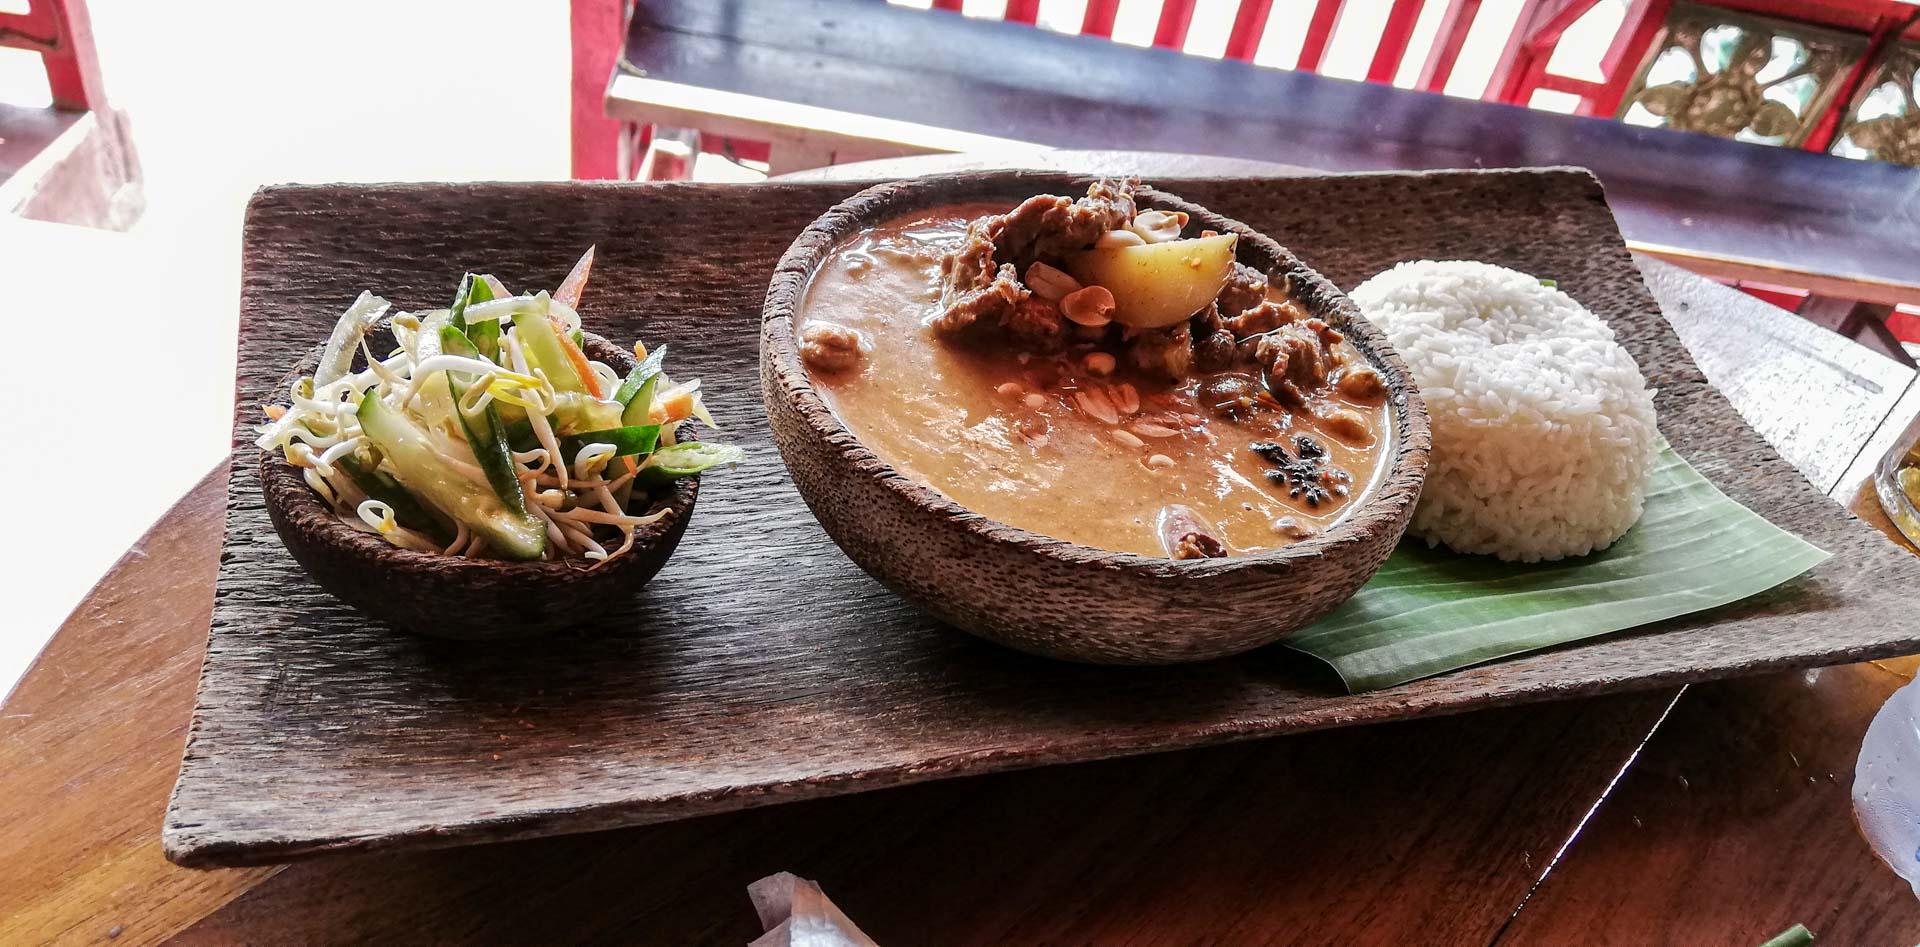 Sopa en Warung Siam, Ubud, Bali